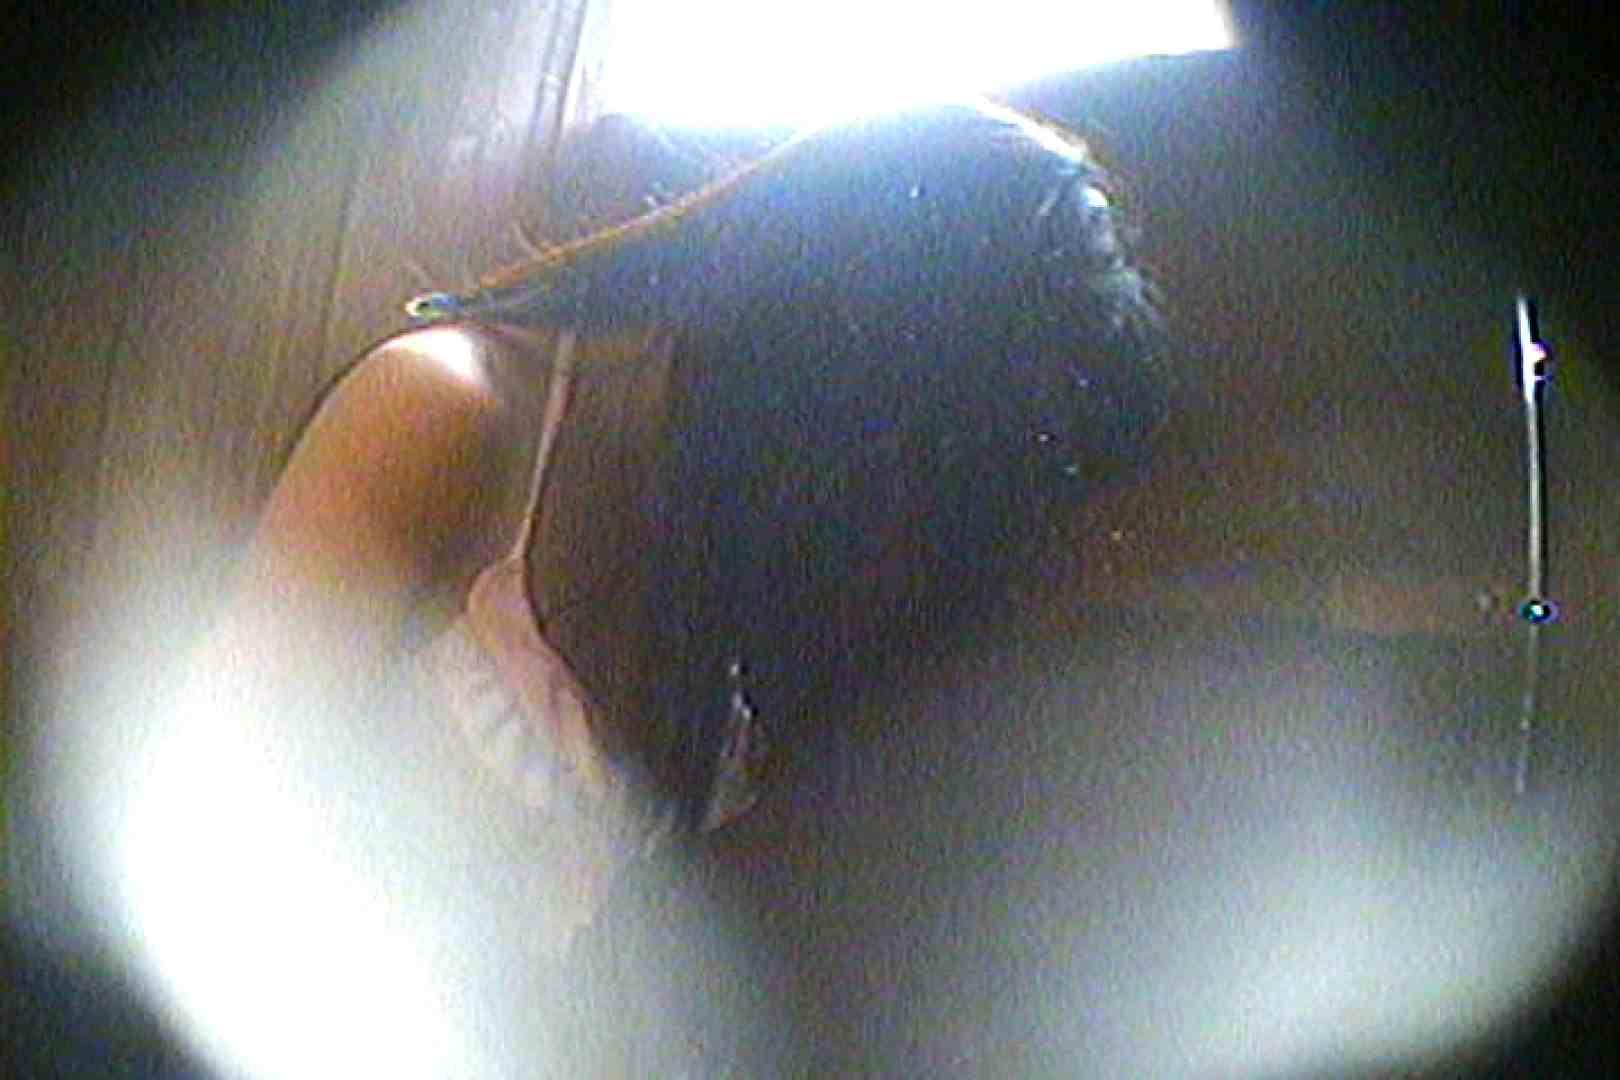 海の家の更衣室 Vol.61 美女達のヌード   シャワー中  54連発 3